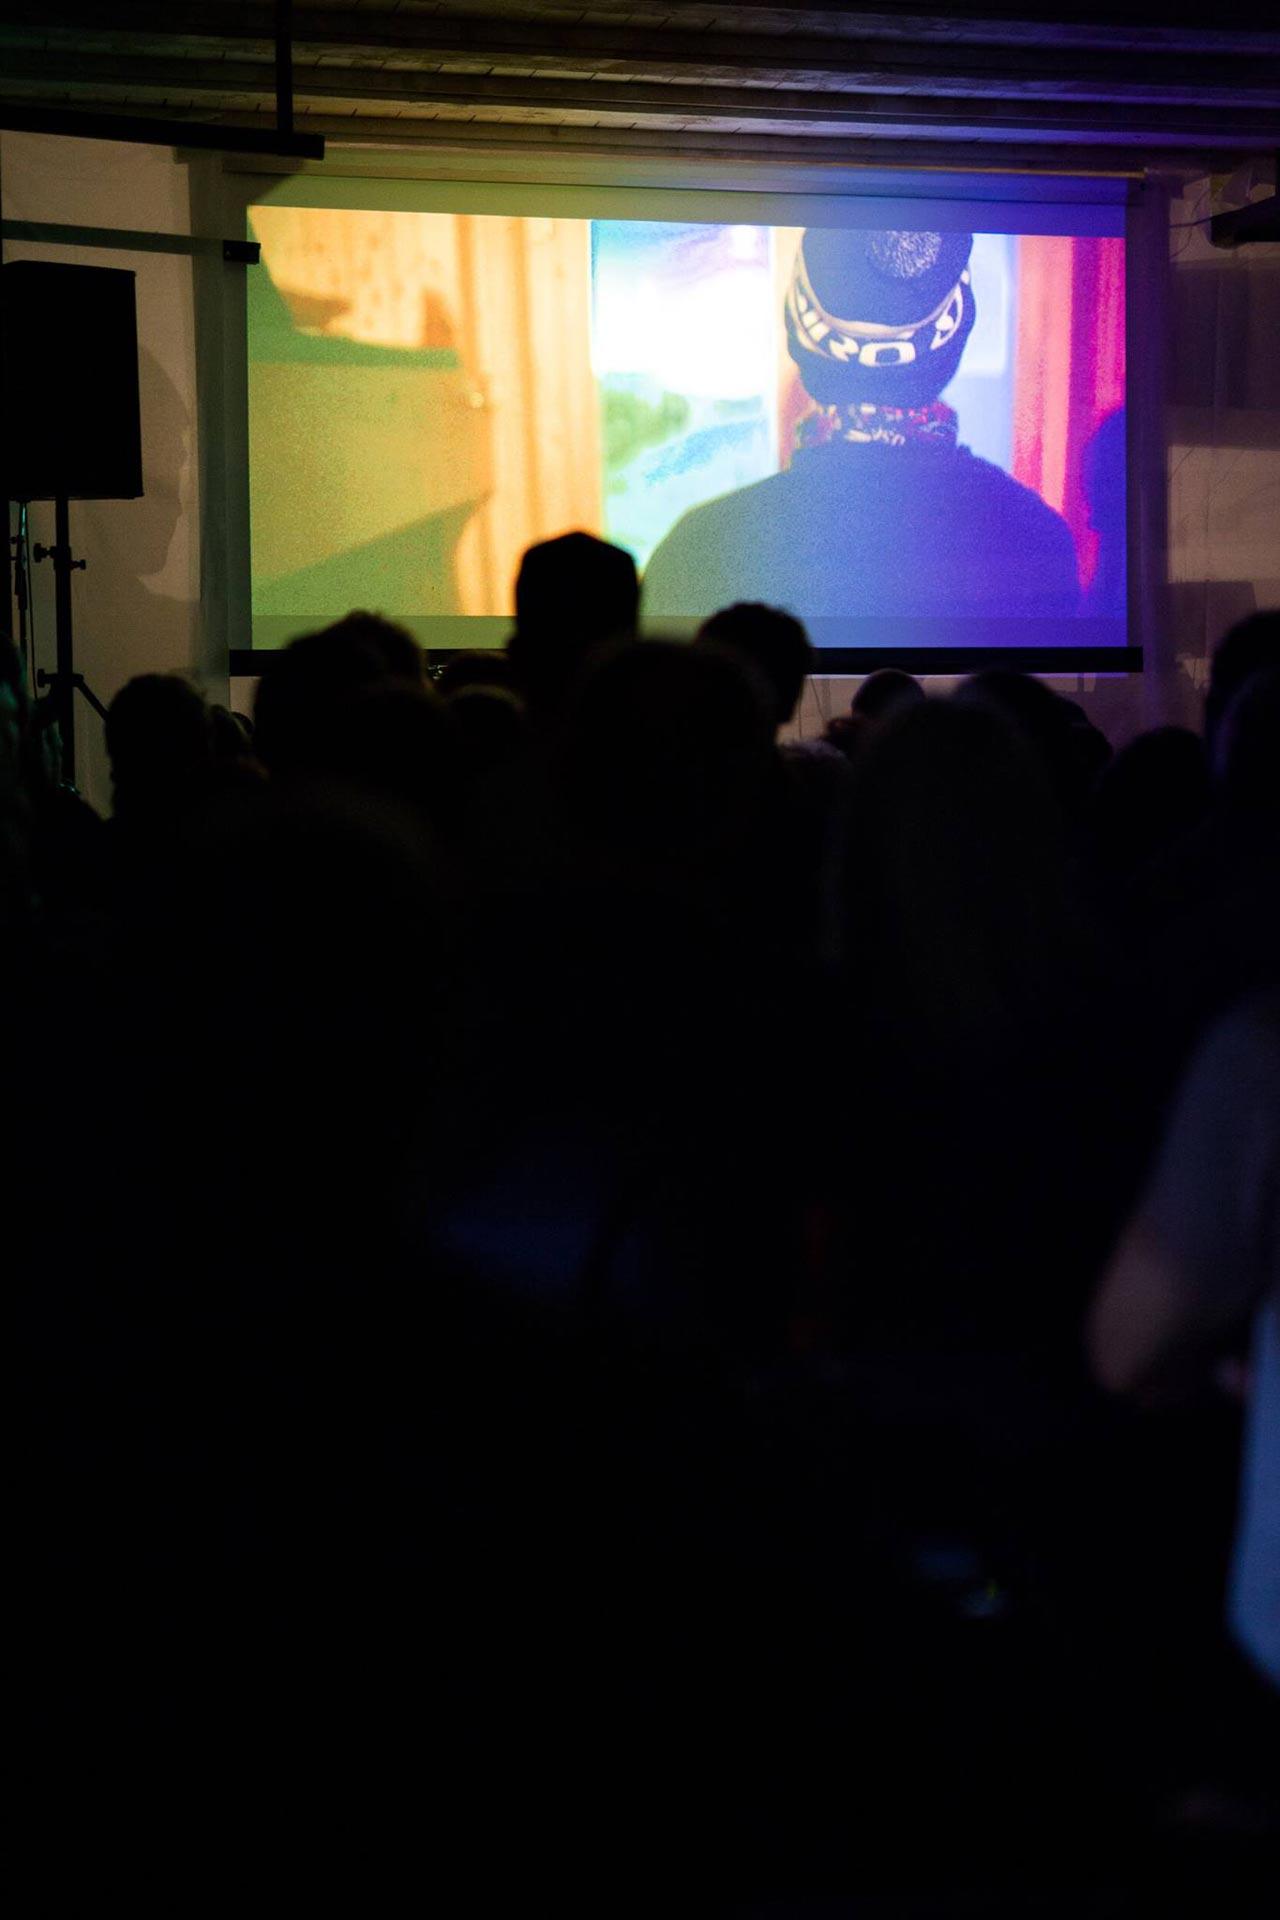 """""""Riding Rhythms"""" Erstaufführung in Ilanz bei der die Musik Live von Electric Sun eingespielt wurde!"""